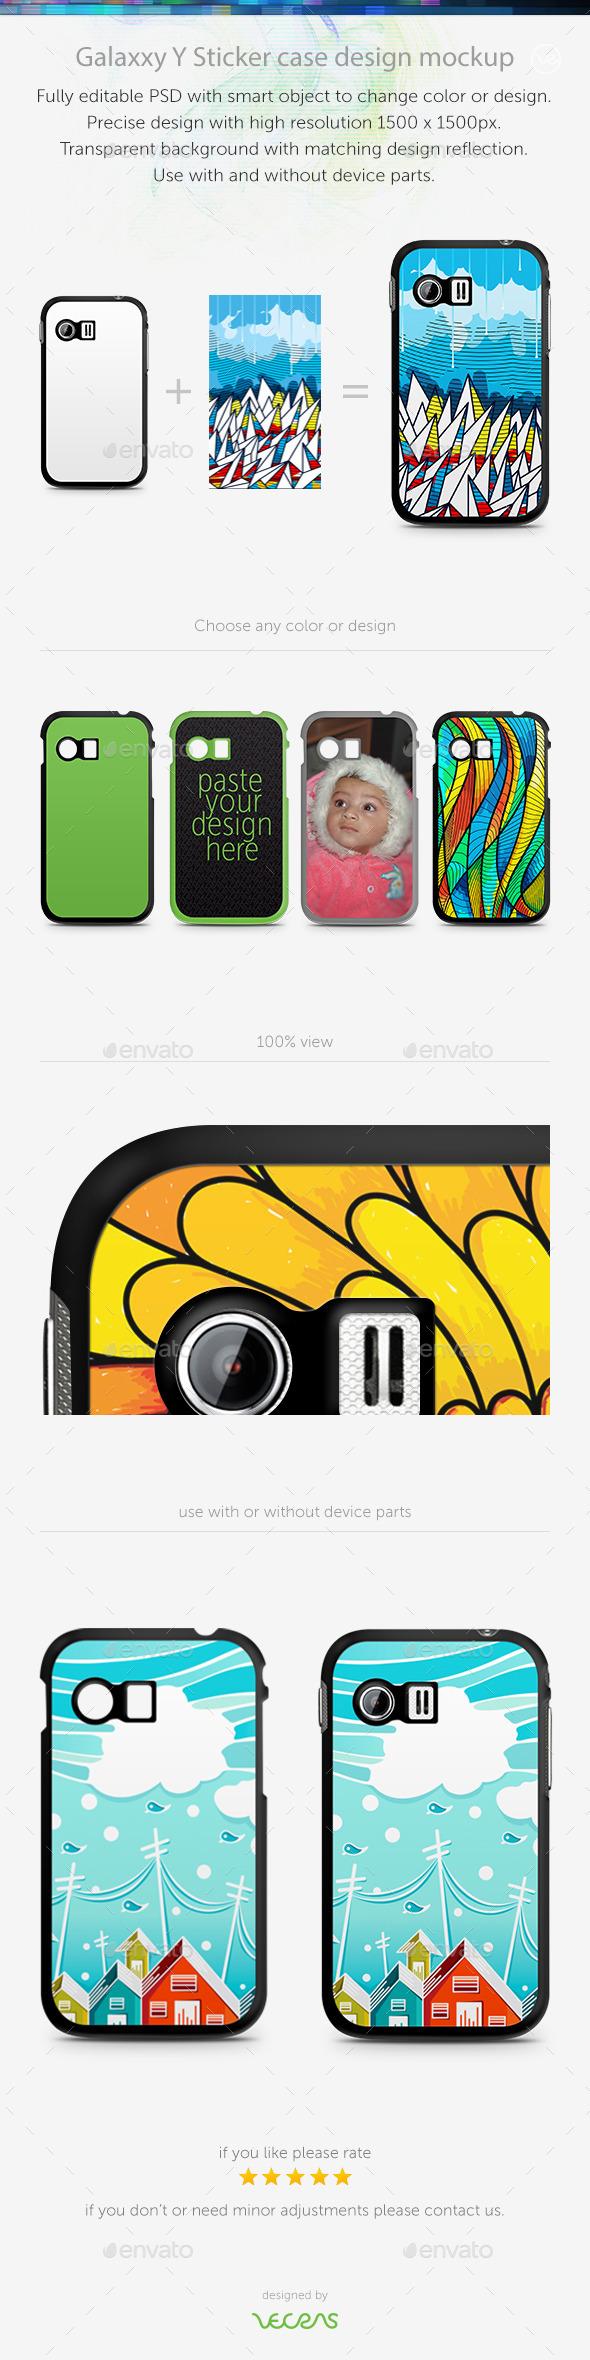 GraphicRiver Galaxxy Y Sticker Case Design Mockup 10818182